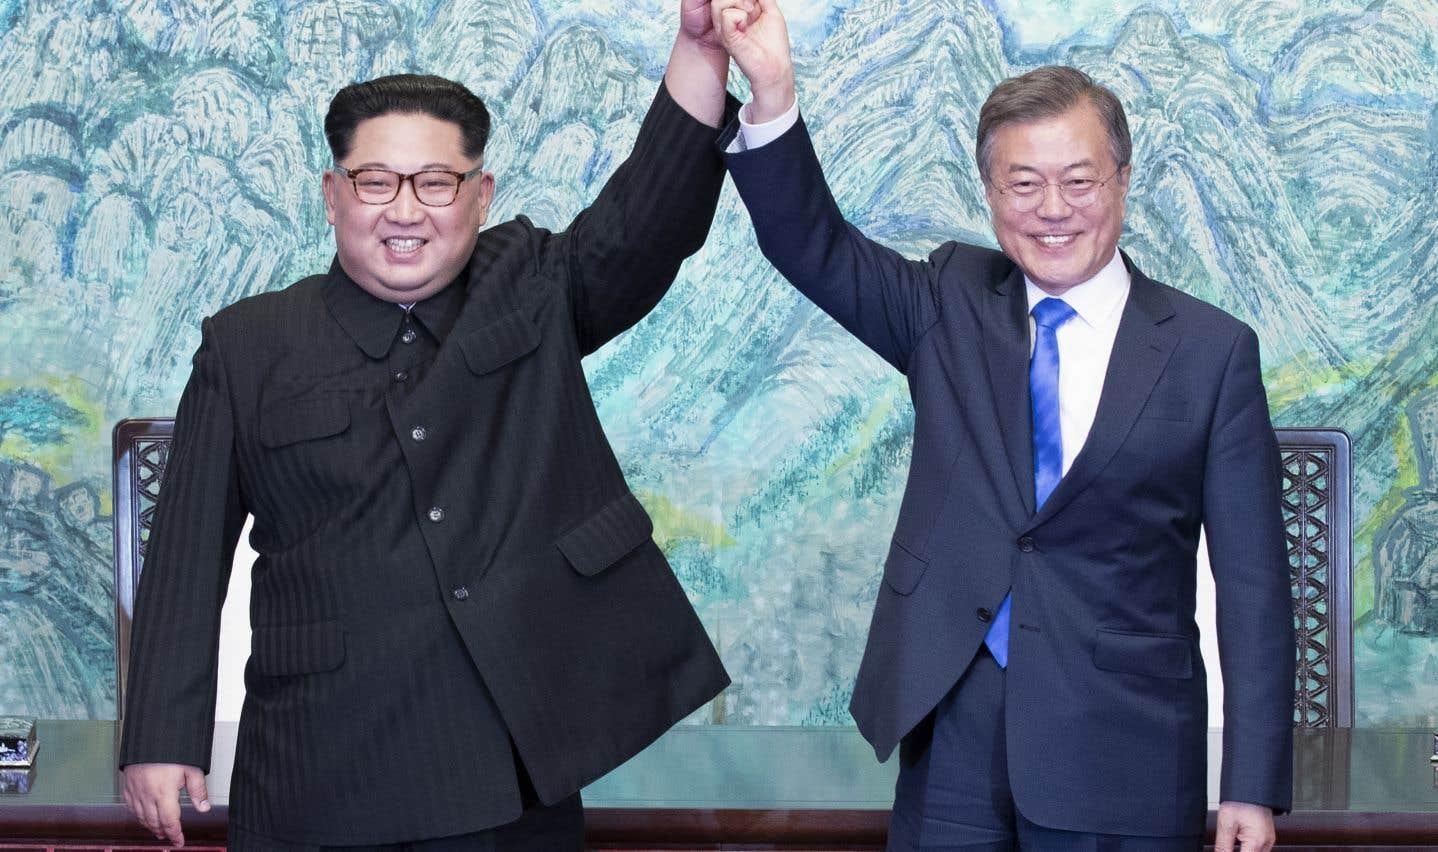 Le chef nord-coréen Kim Jong-un et le président sud-coréen Moon Jae-in lèvent les bras en signe de victoire après avoir signé la «Déclaration de Panmunjom».